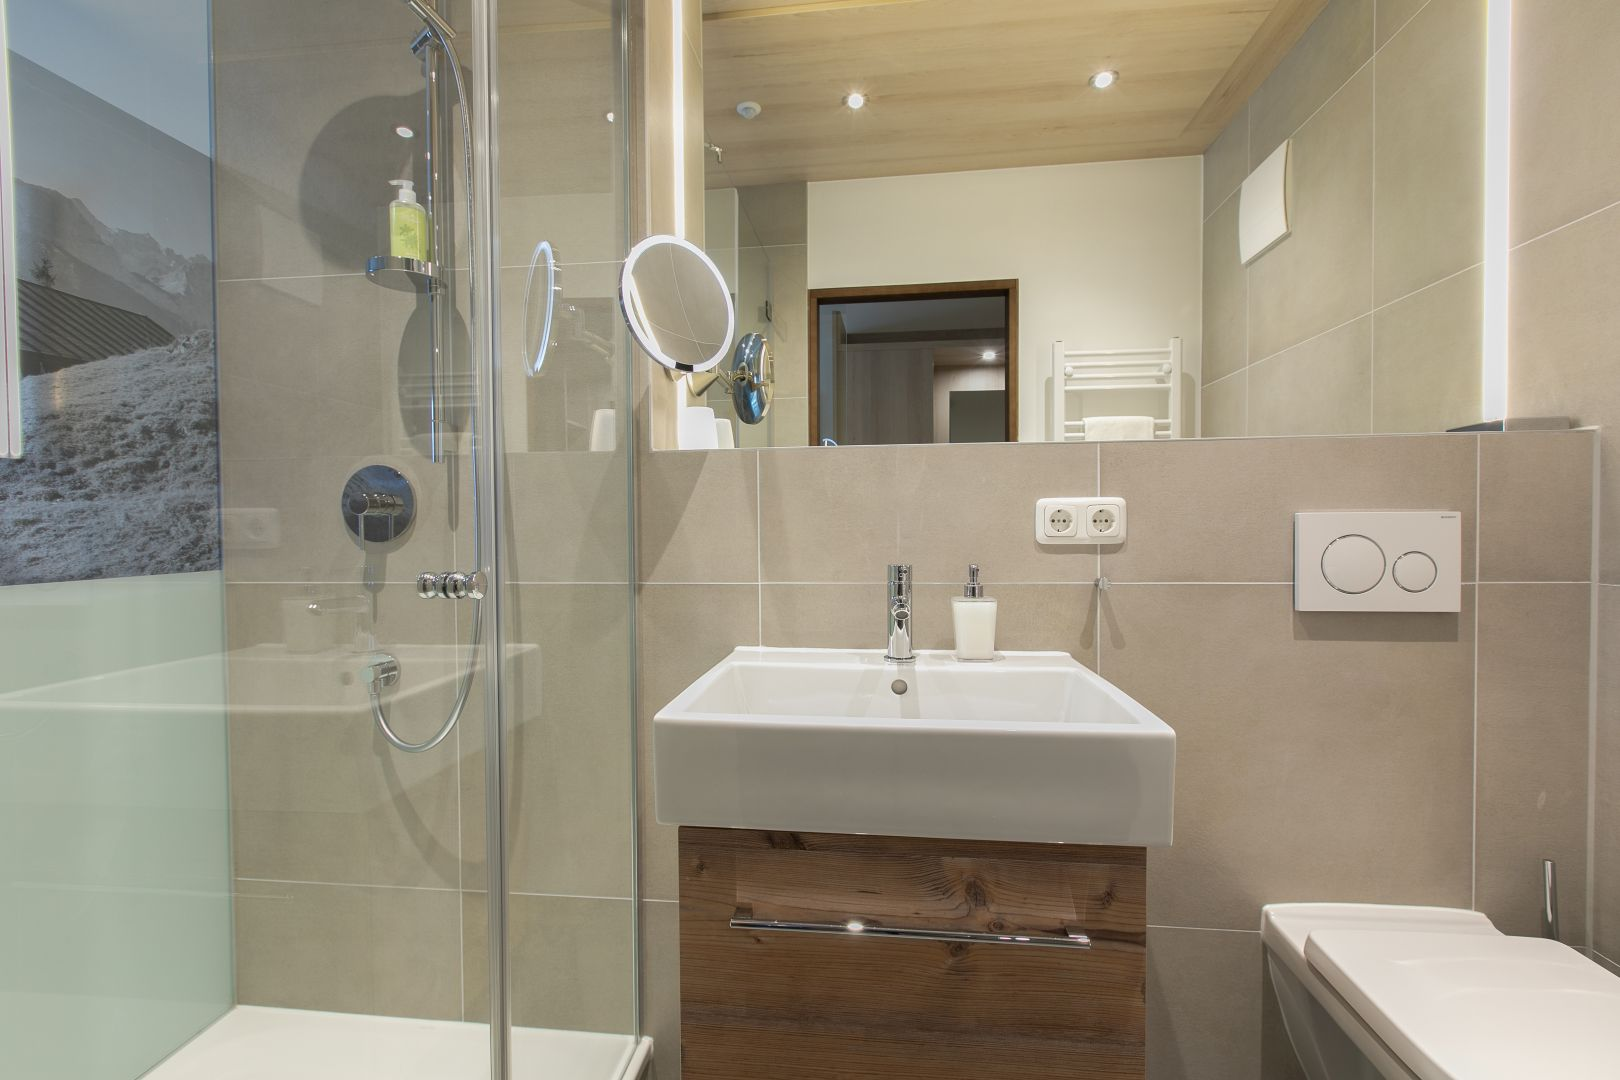 Badezimmer, neu, verglaste Dusche mit Fotodruck